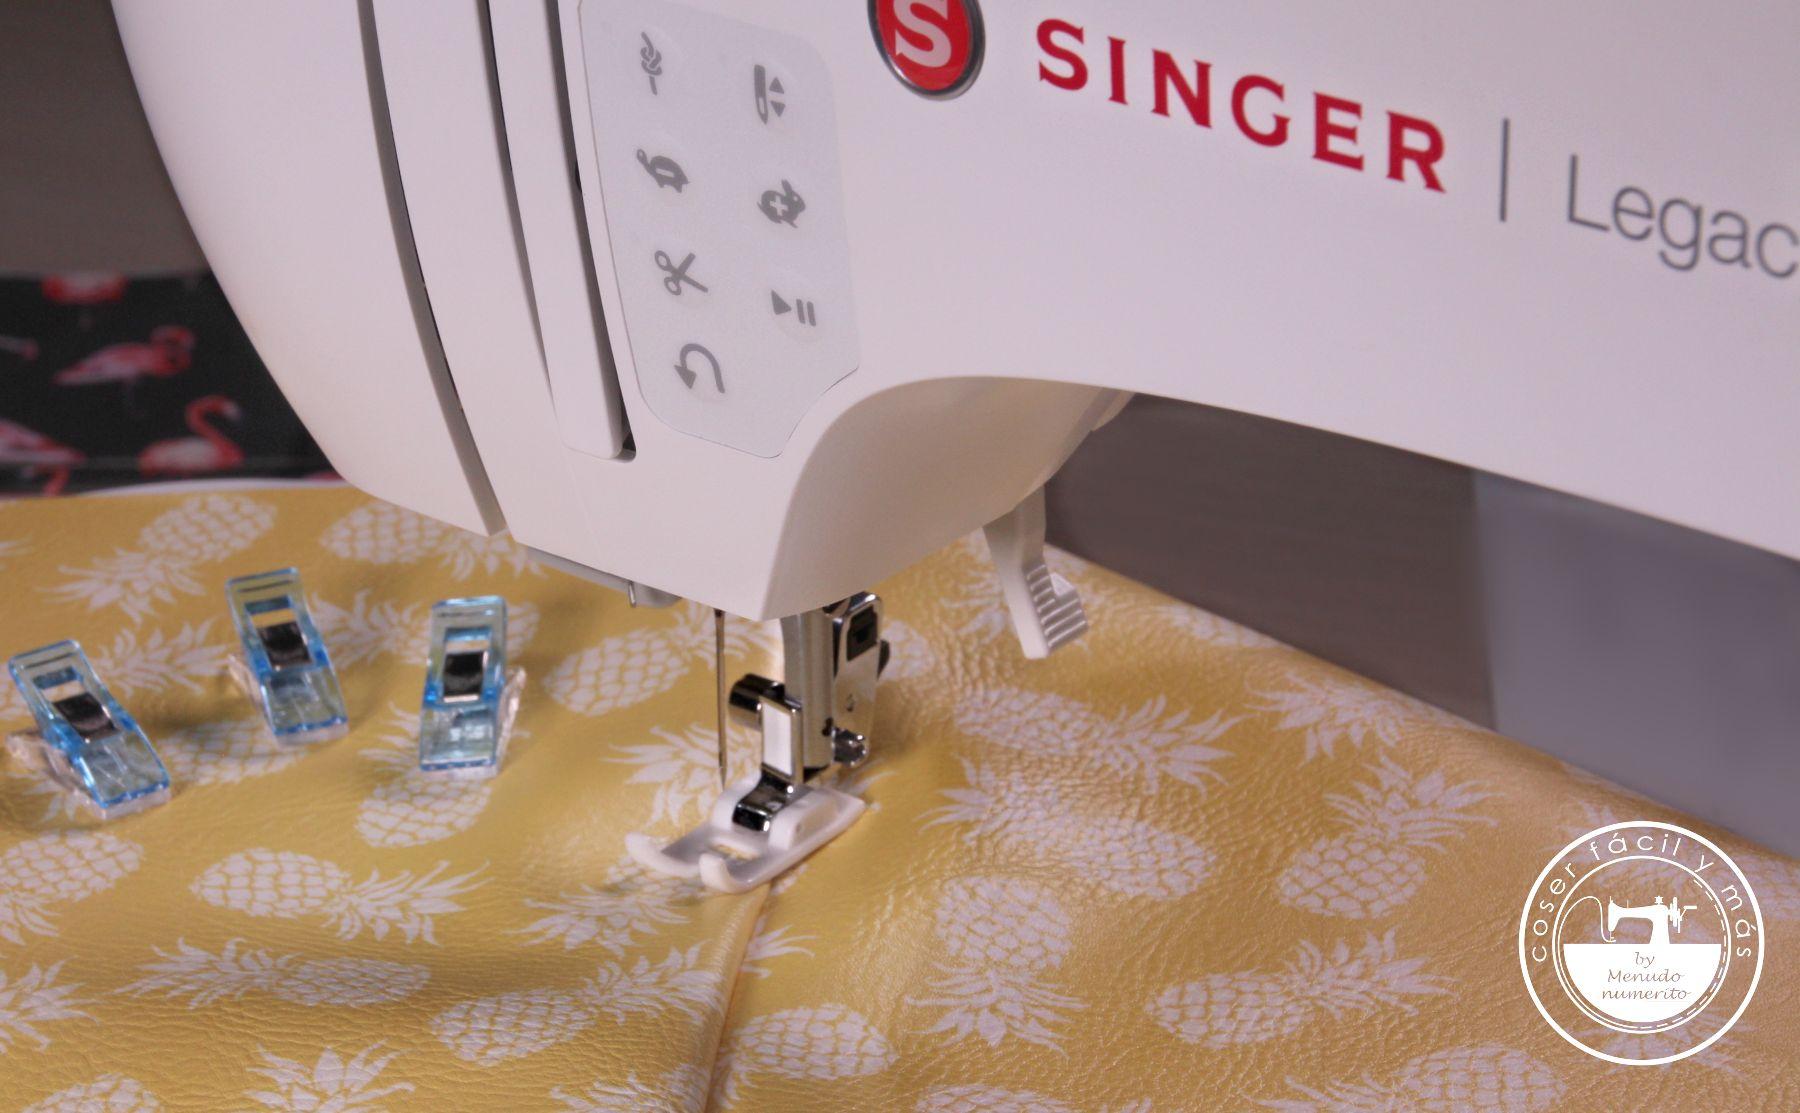 coser polipiel blogs de costura menudo numerito